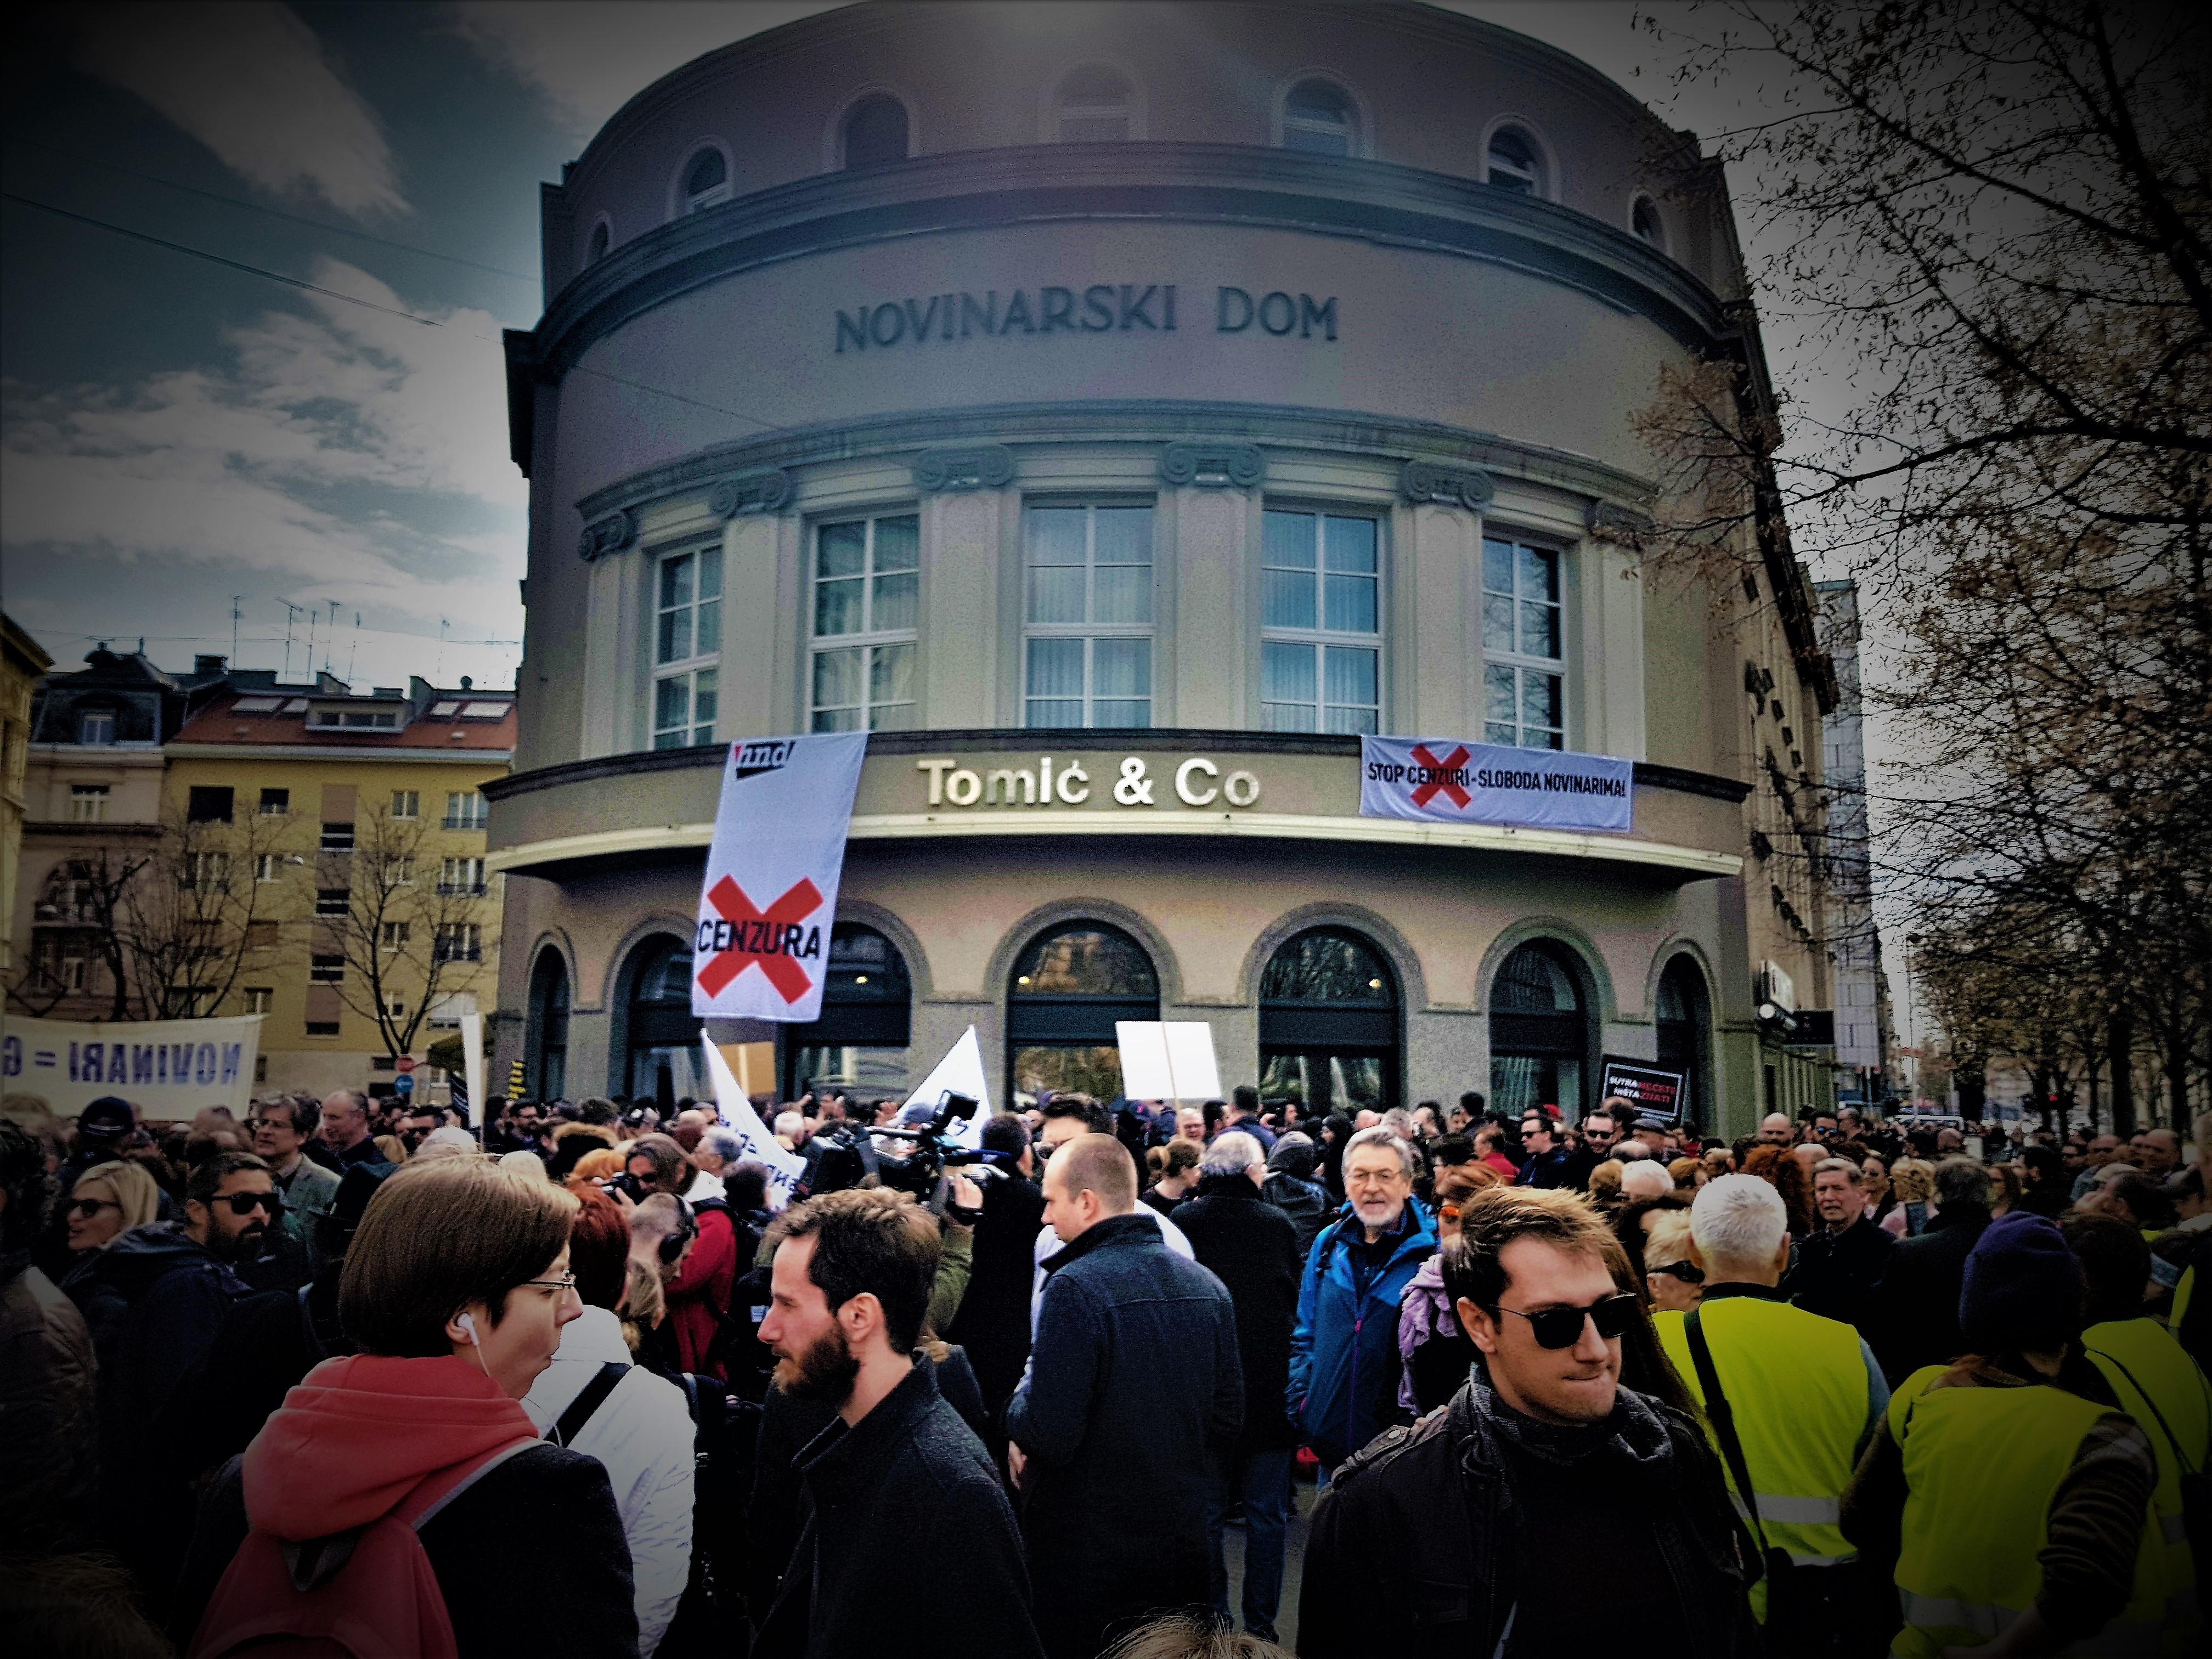 Odlična vijest: Zaustavljen podmukli pokušaj otimanja imovine i gašenja Hrvatskog novinarskog društva